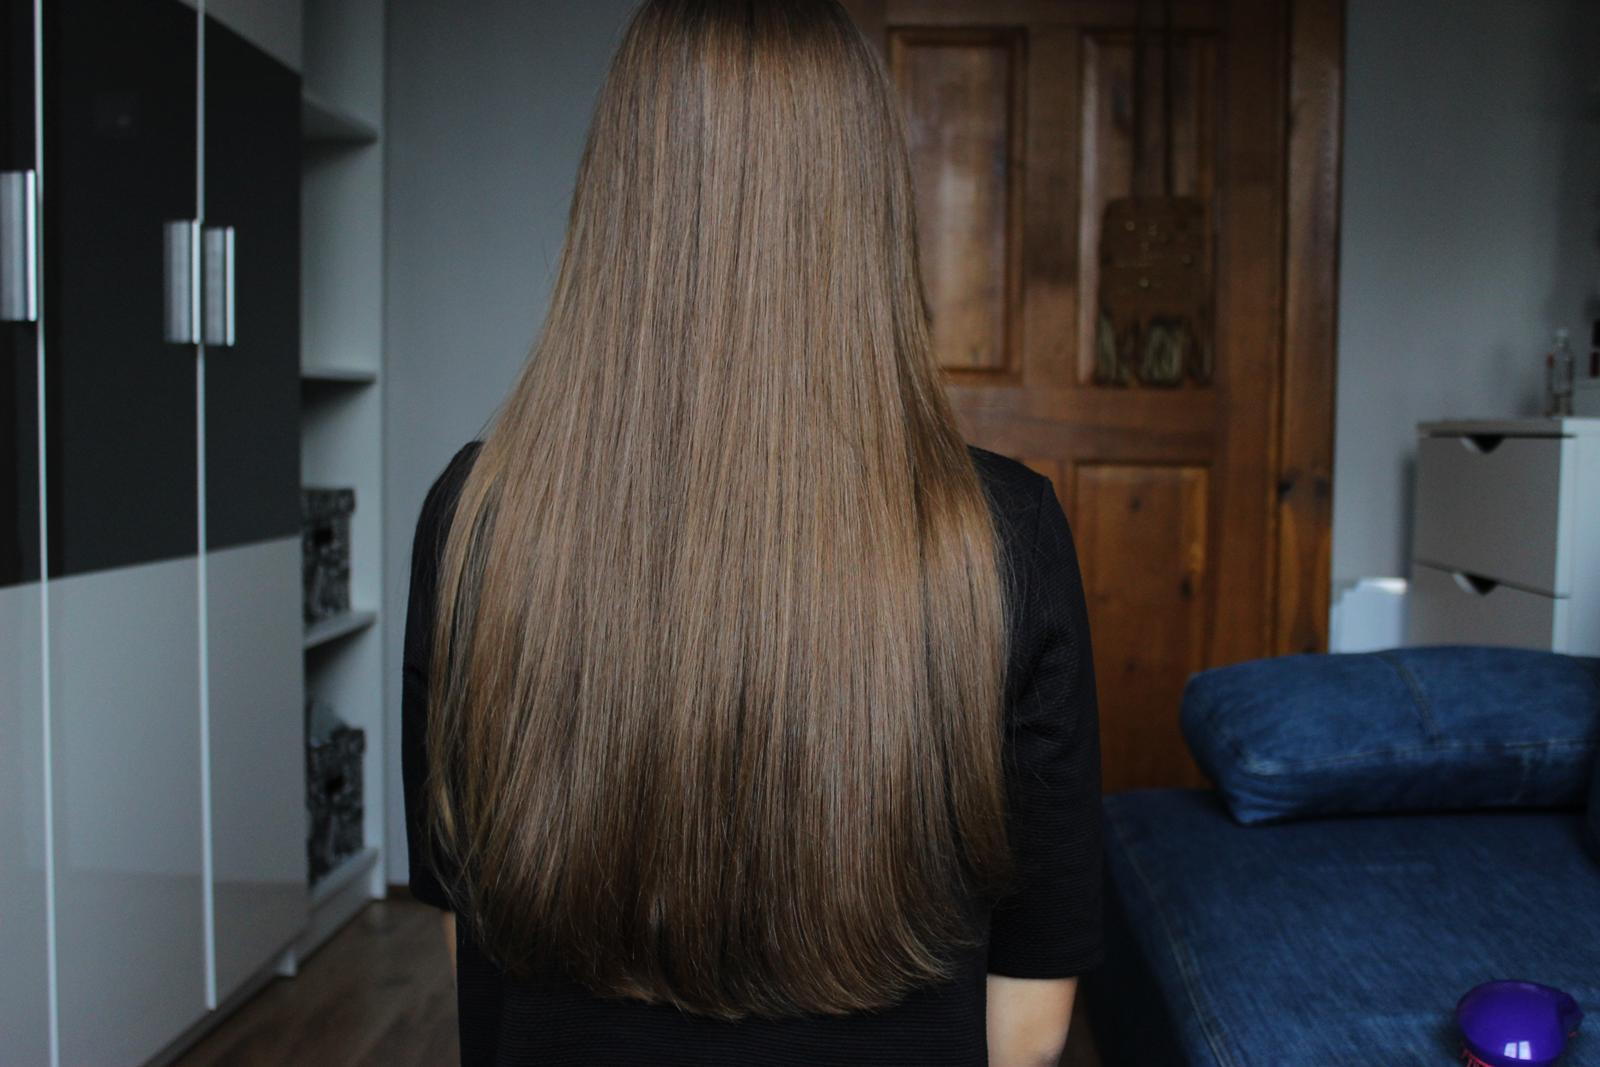 Szatynowe kosmyki: Niedziela dla włosów #1 - nafta